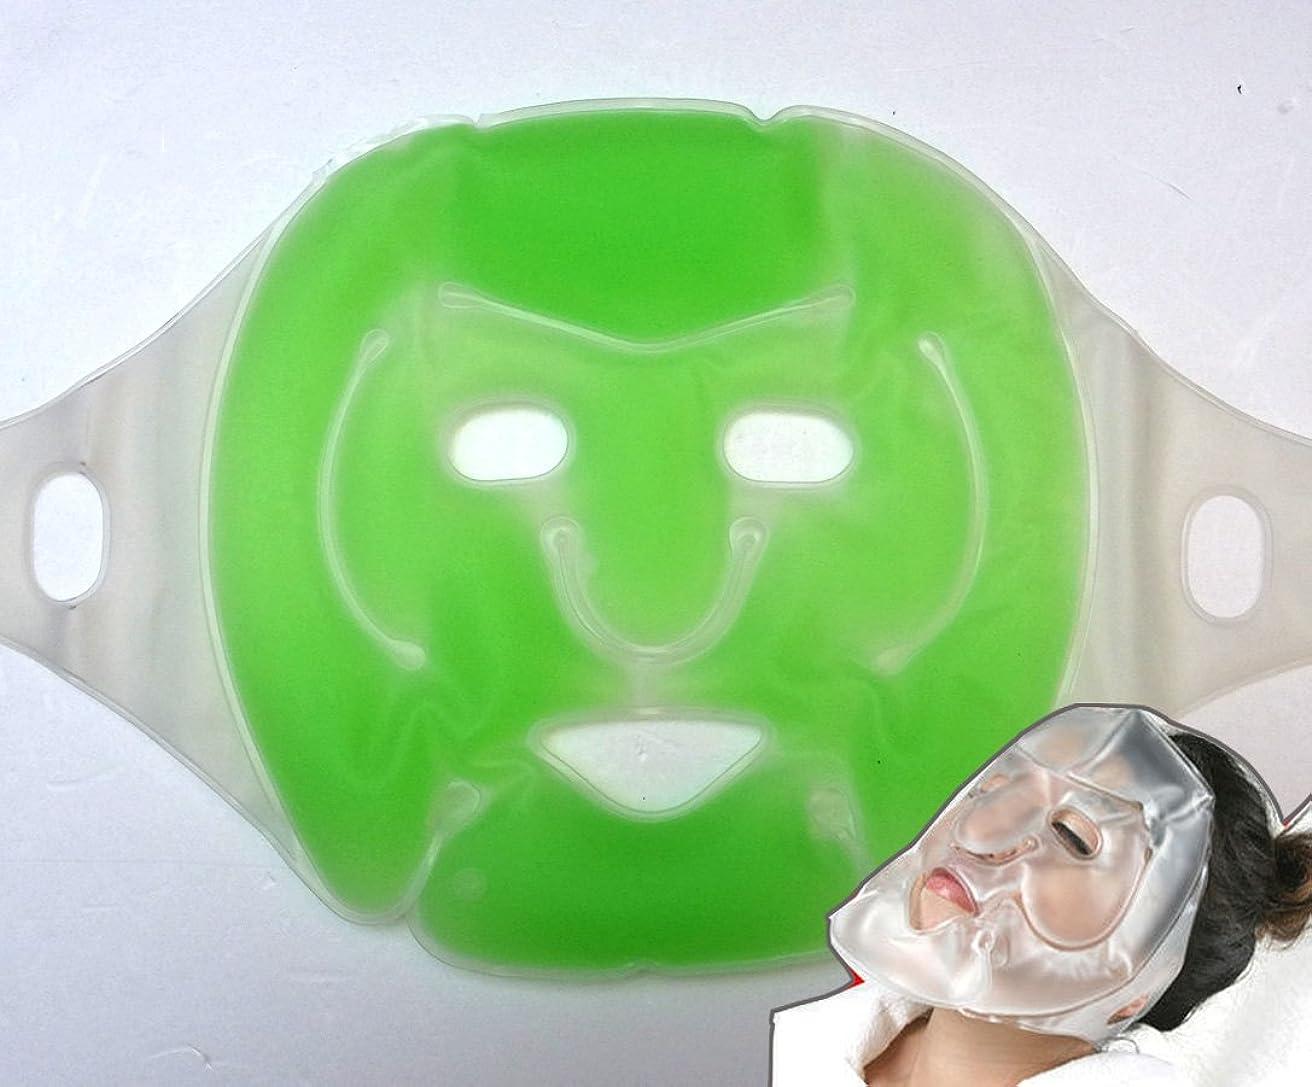 流産修理可能抑制するフェイスマッサージクールアイスマスクパック半永久的なフェイシャルマッサージ 毛穴収縮/緑色/Face Cool Massage Ice Mask Pack Semi-permanent Facial Massager Contracting Pores/Green Color [並行輸入品]